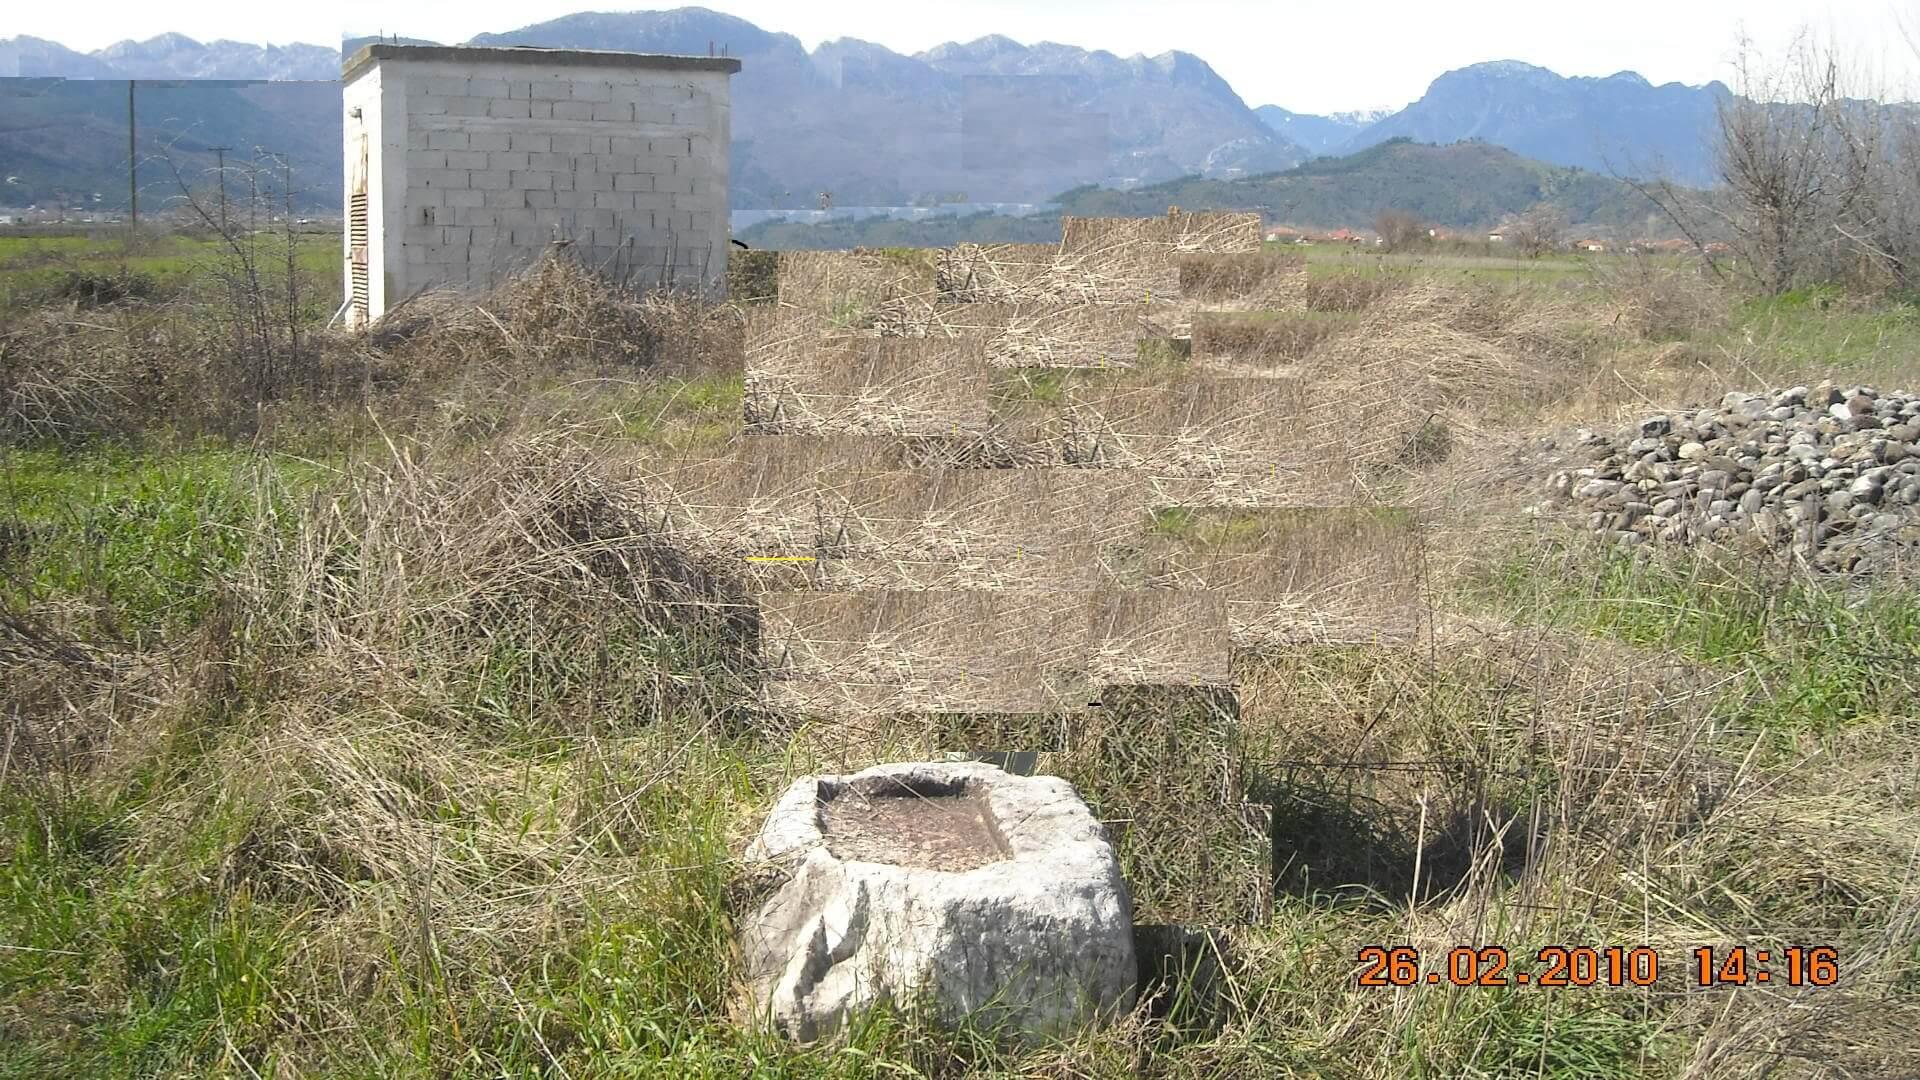 Ογκόλιθος στα Αη-Γιώργια, ίσως του τότε Ι.Ν. Αγίου Γεωργίου. (Φωτο Γεωργ. Μπαντή).